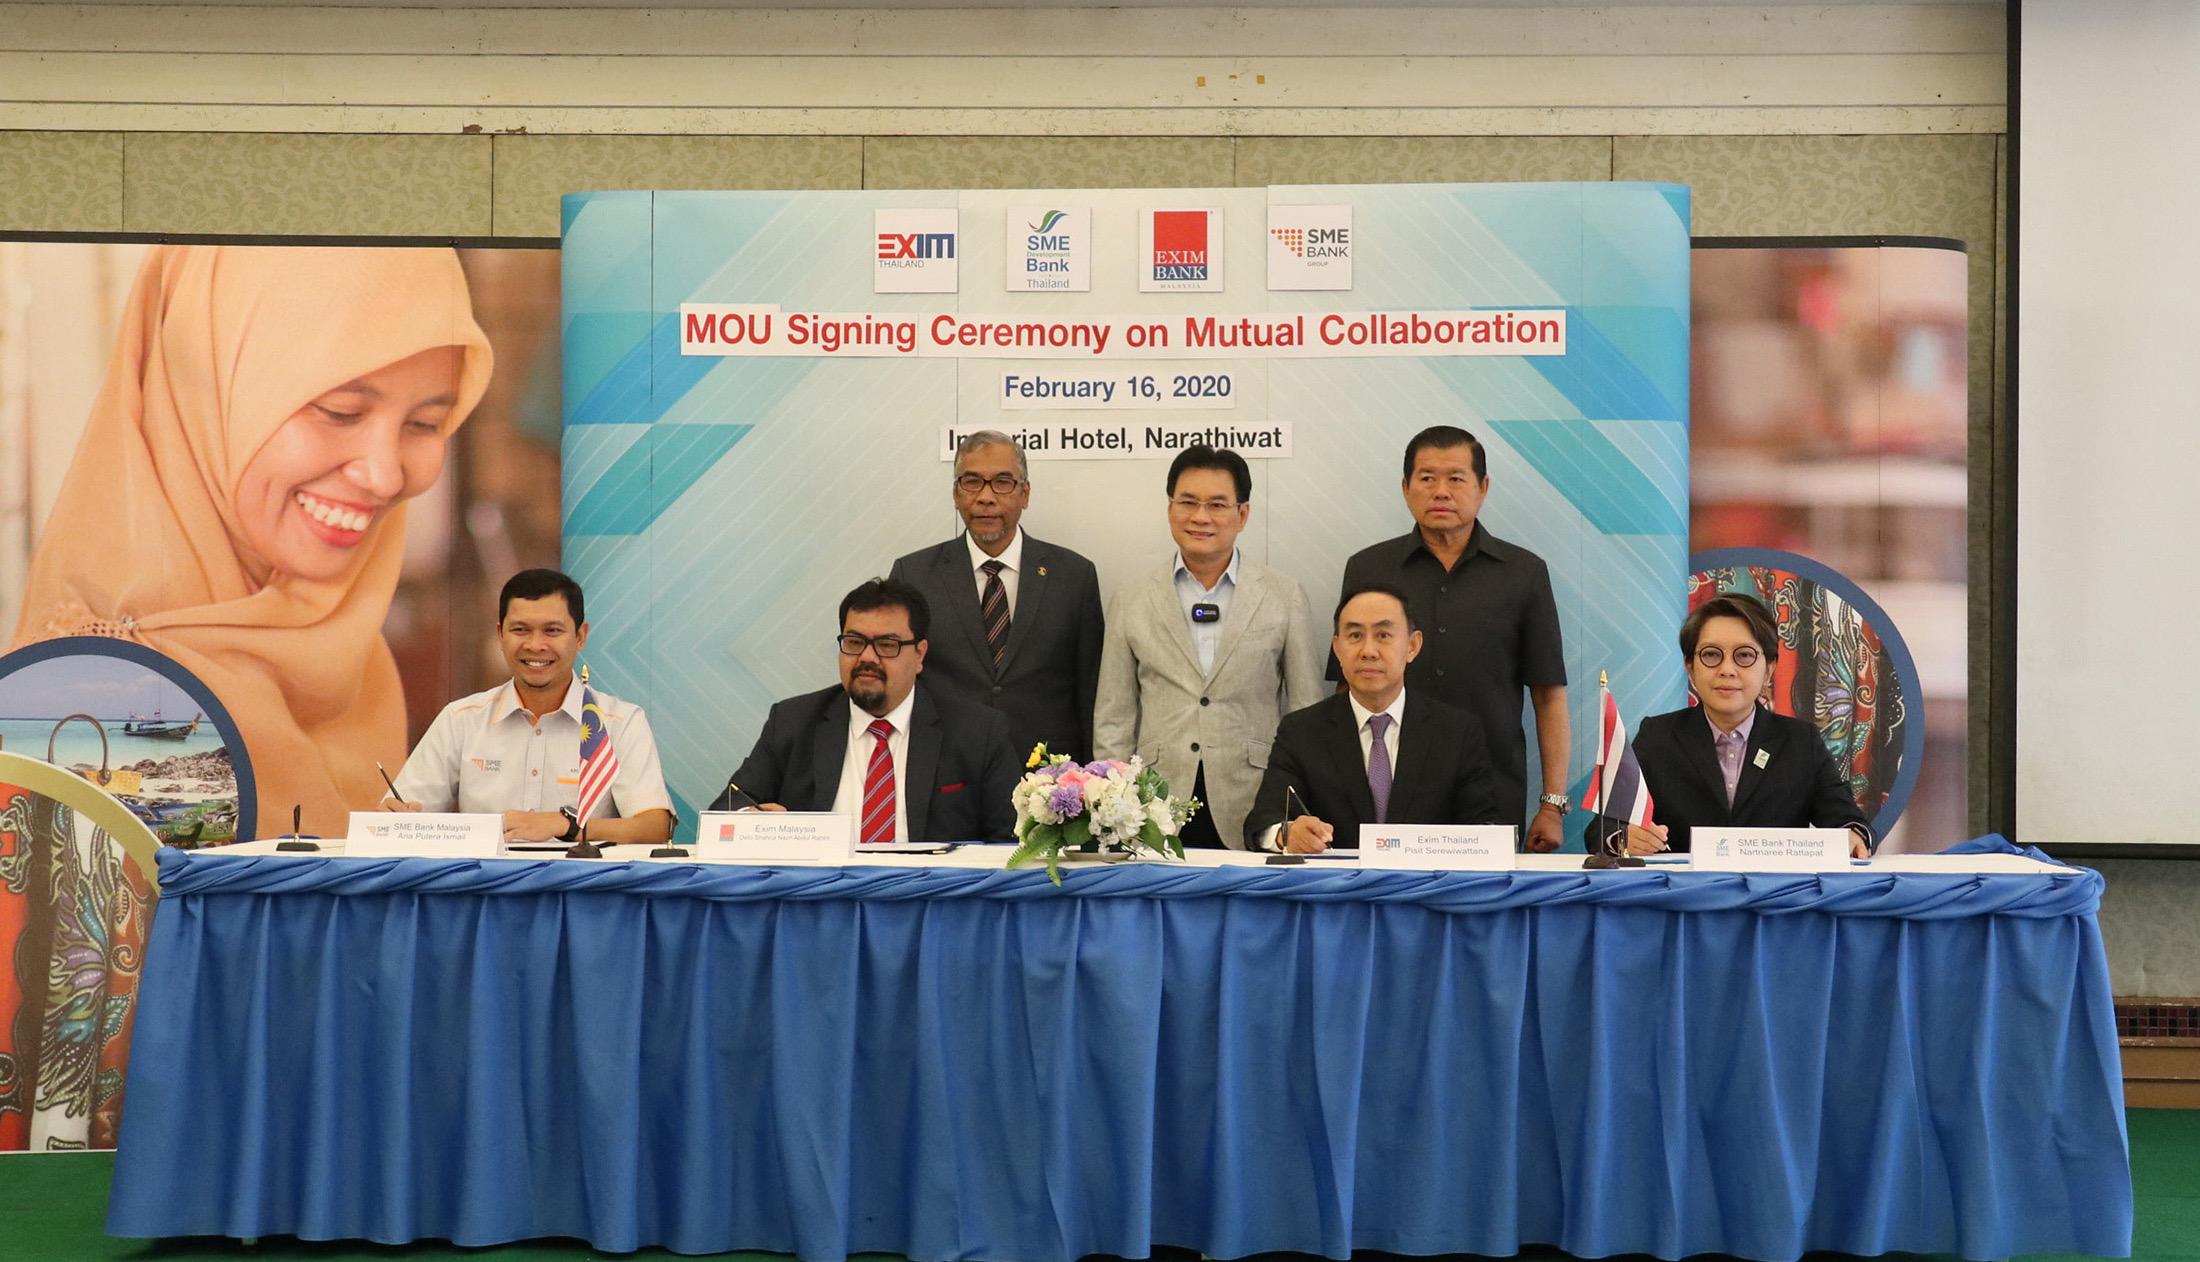 SME D Bank ร่วมกับ EXIM Bank ประสานพลังสถาบันการเงินหลักมาเลเซีย เสริมแกร่งSMEs